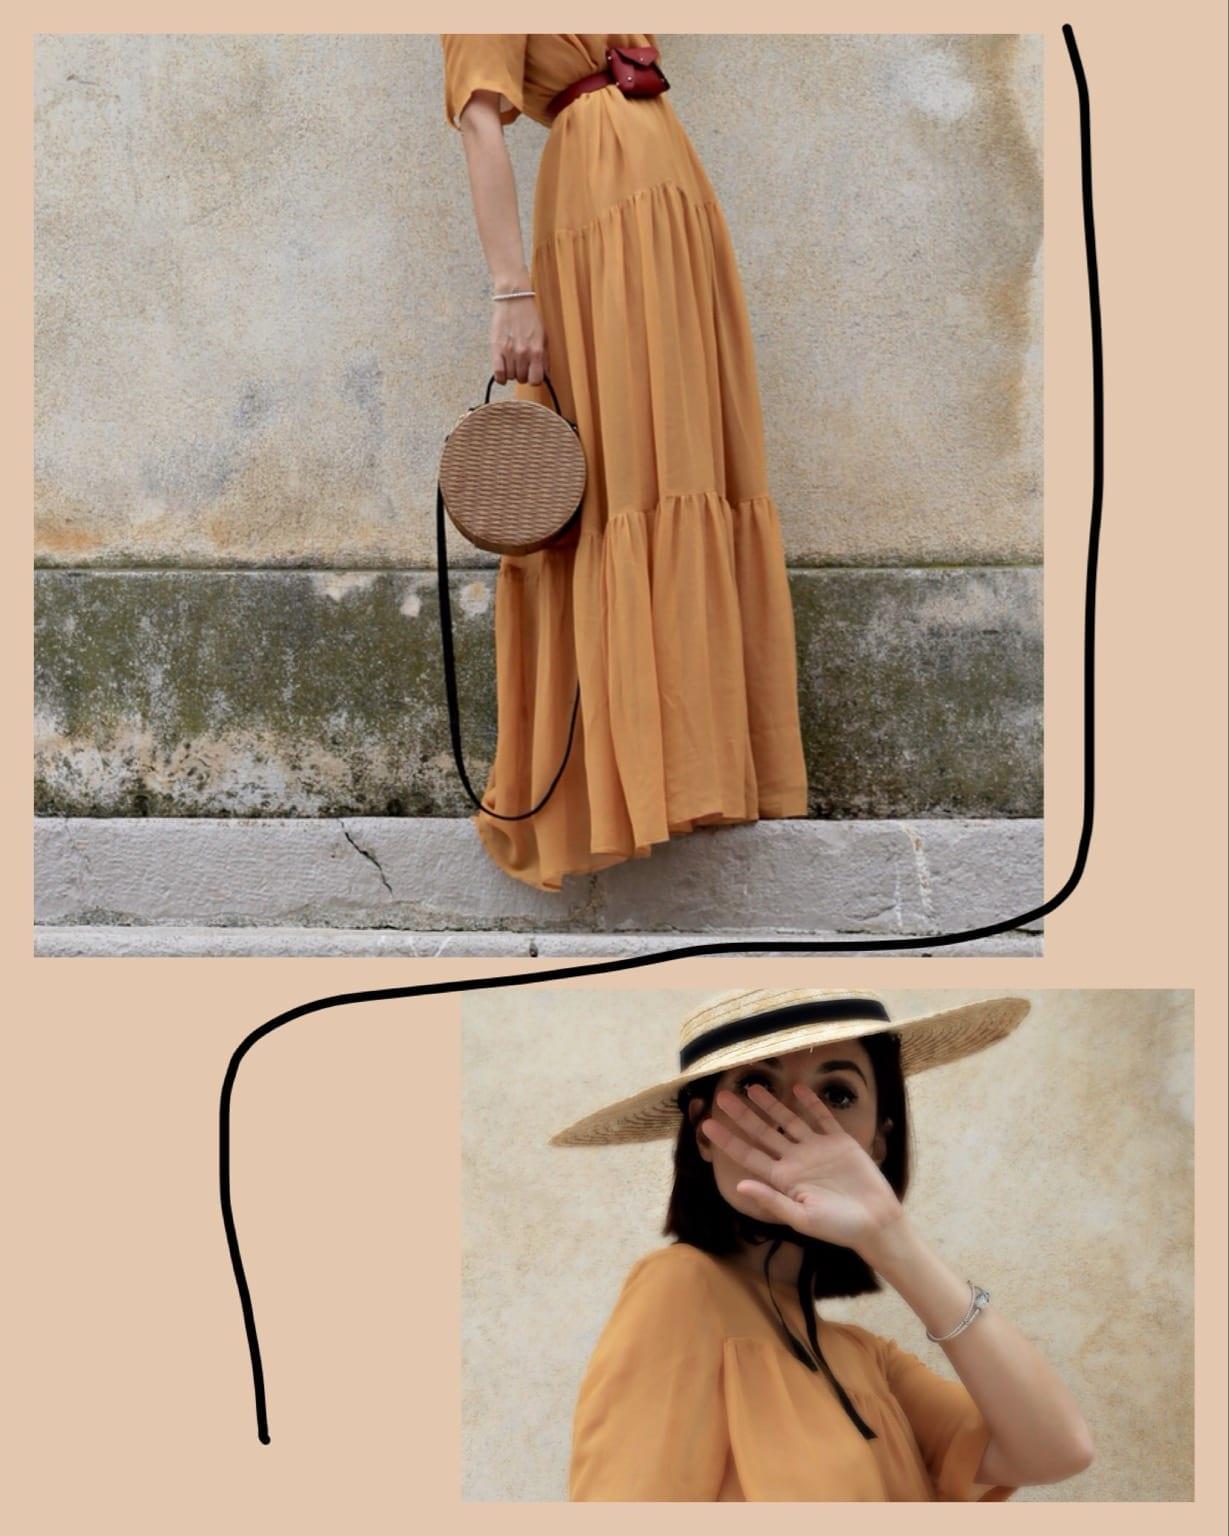 Rivoluzione nella moda 2018, rivoluzione nella moda, fashion blog italia 2018, blogger moda 2018, elisa bellino, maxi dress 2018, come vestirsi estate 2018, cettina bucca estate 2018